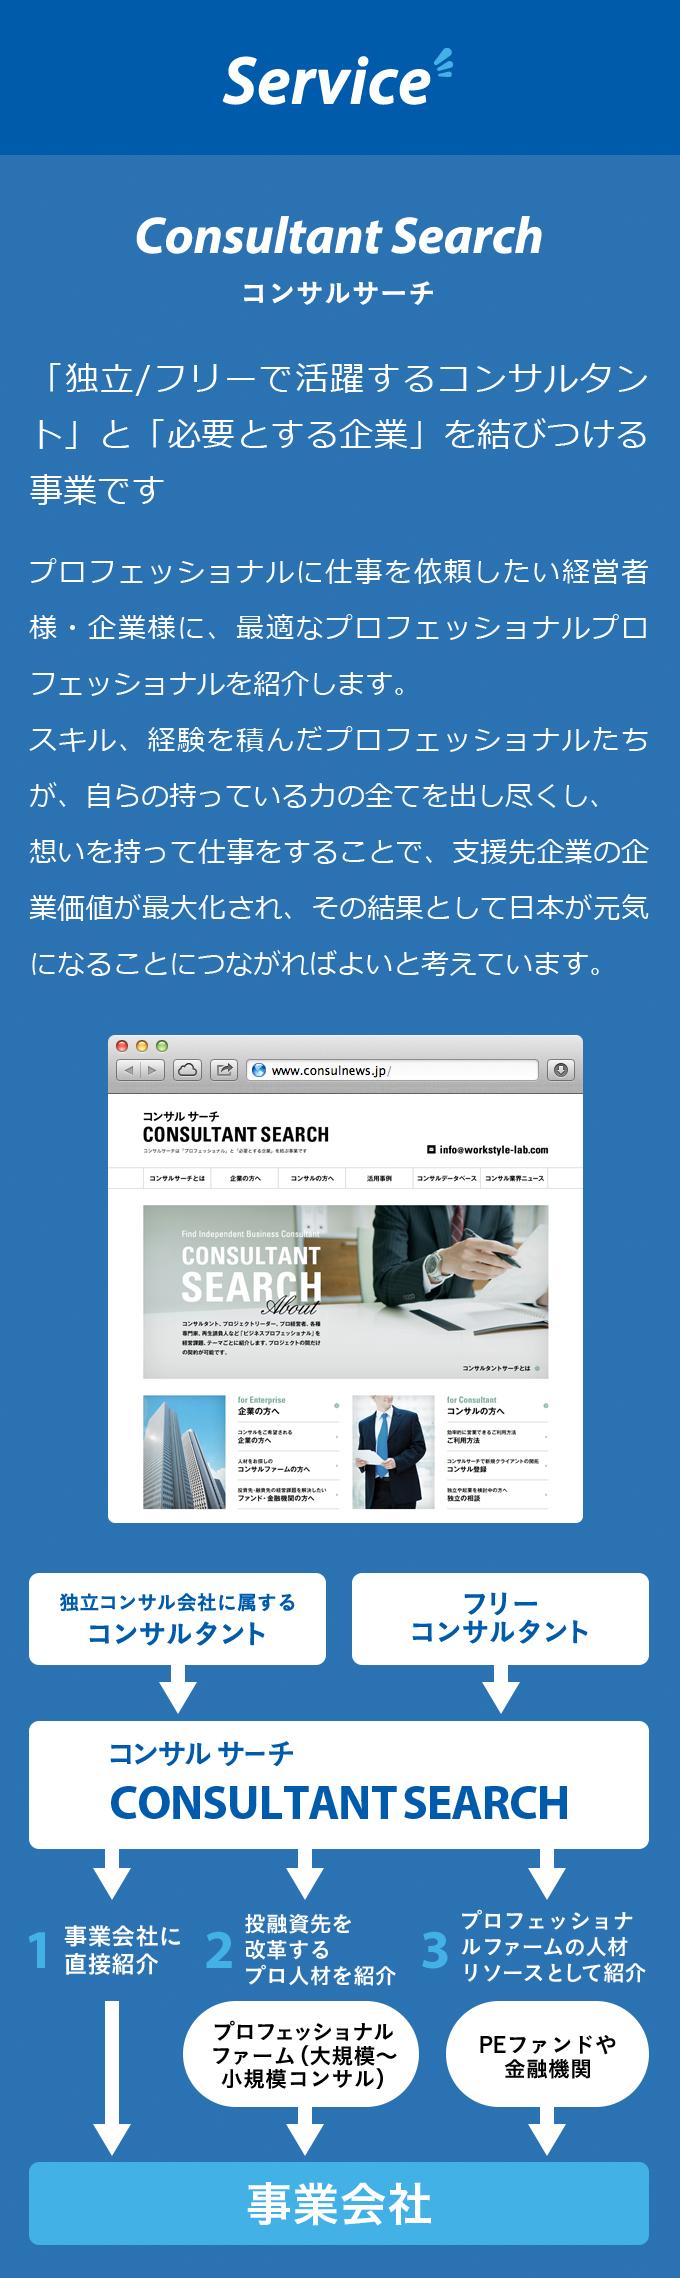 ワークスタイルラボ様 レスポンシブwebデザイン適用 スマホビュー02